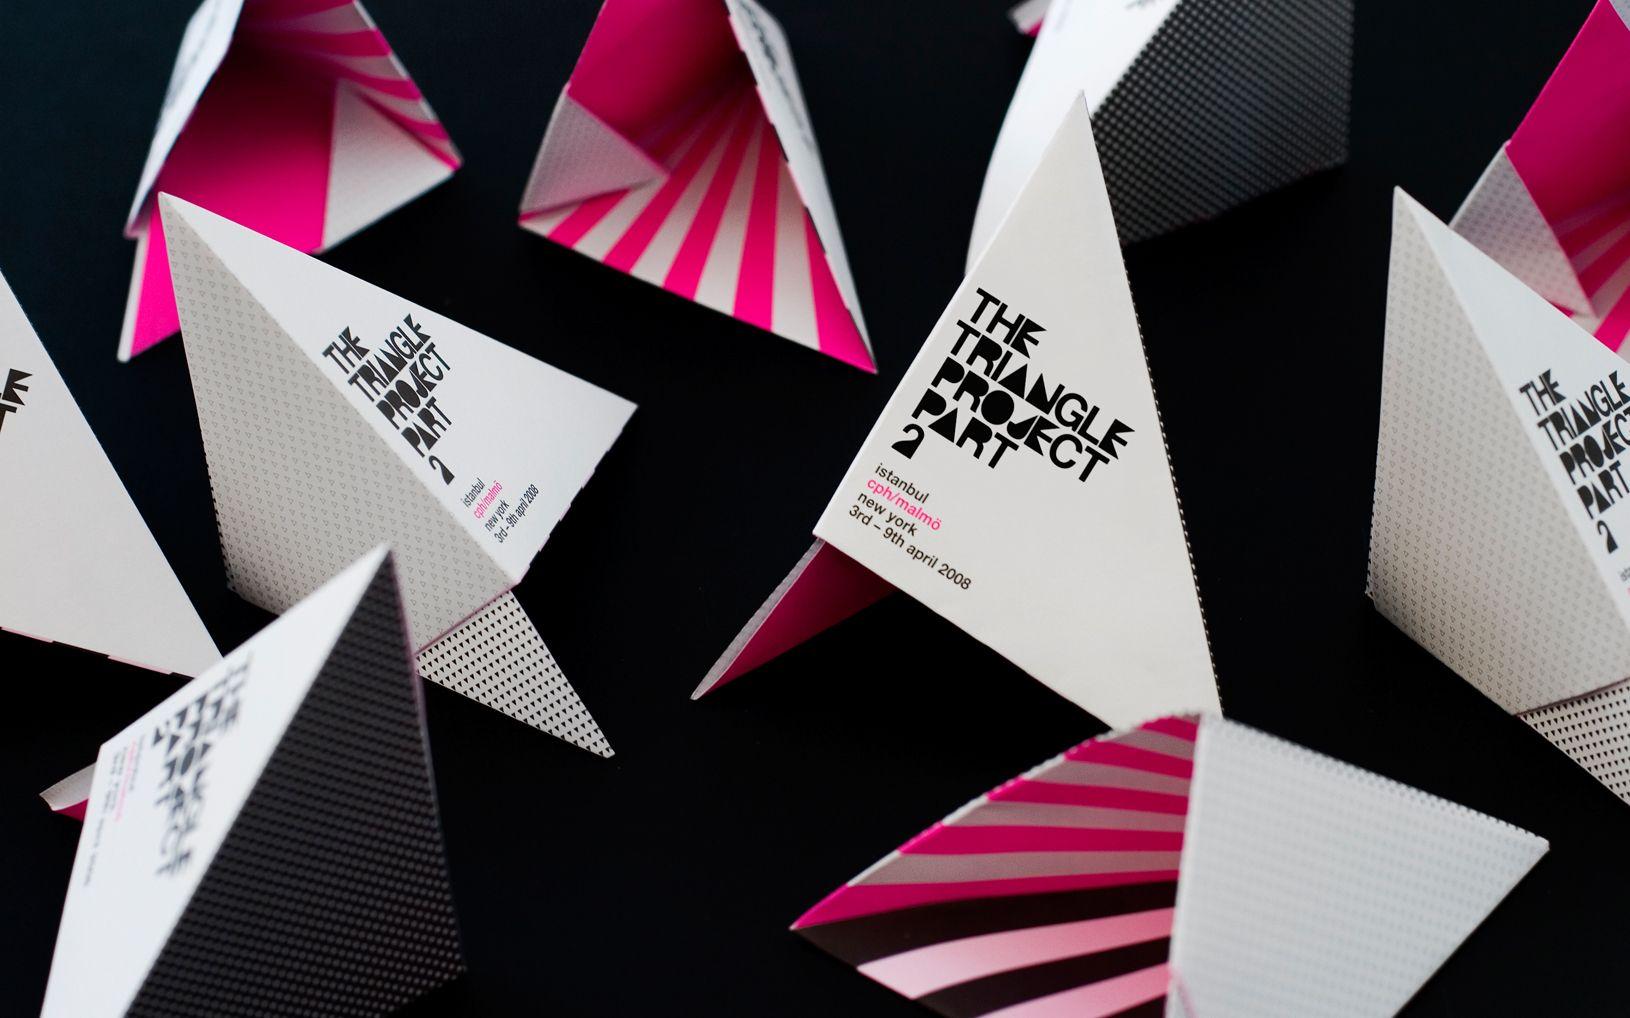 The Triangle Project Republic Design campaign